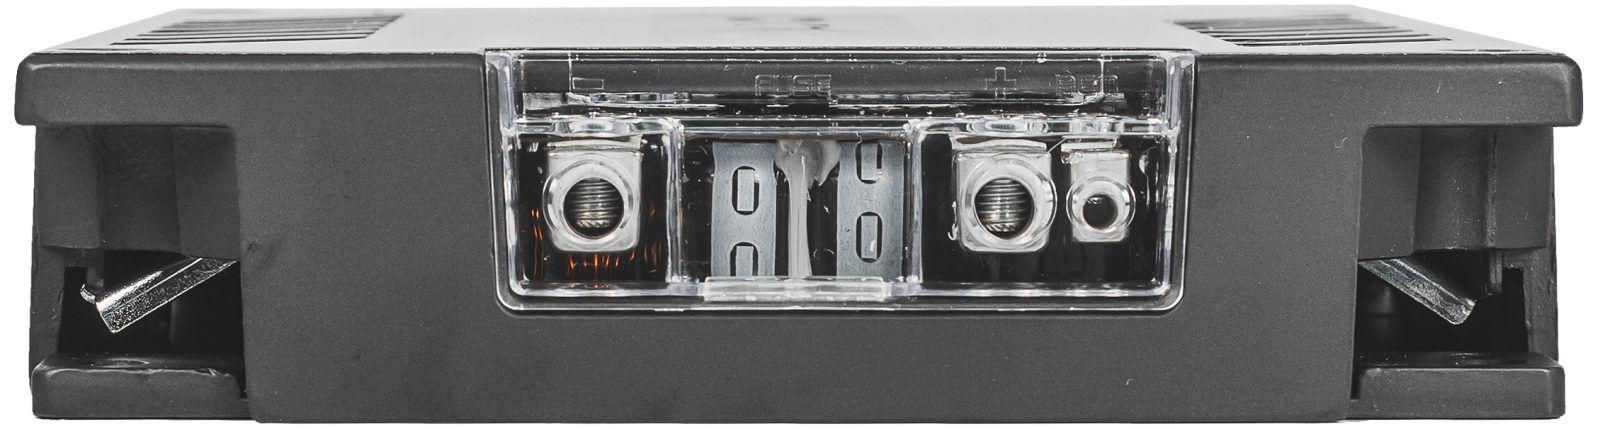 Módulo Amplificador Banda Elite 2000.4 4 Canais 2 Ohms